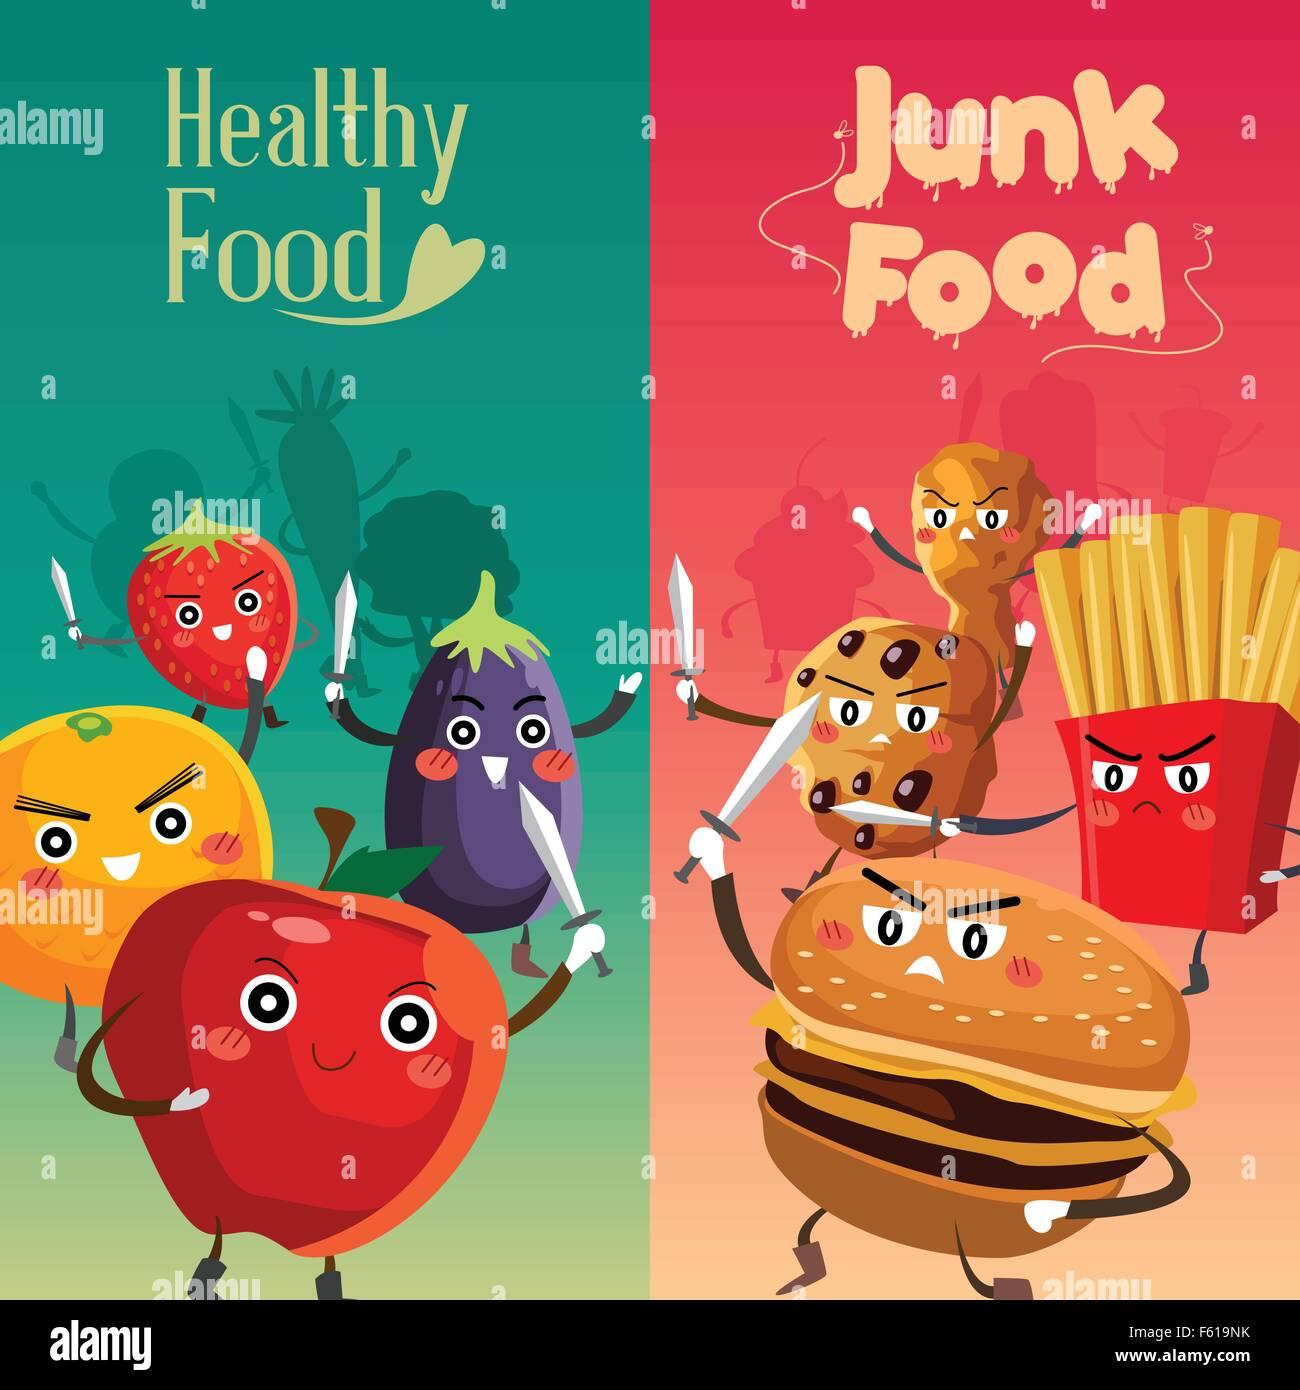 A Vector Illustration Of Healthy Food Versus Unhealthy